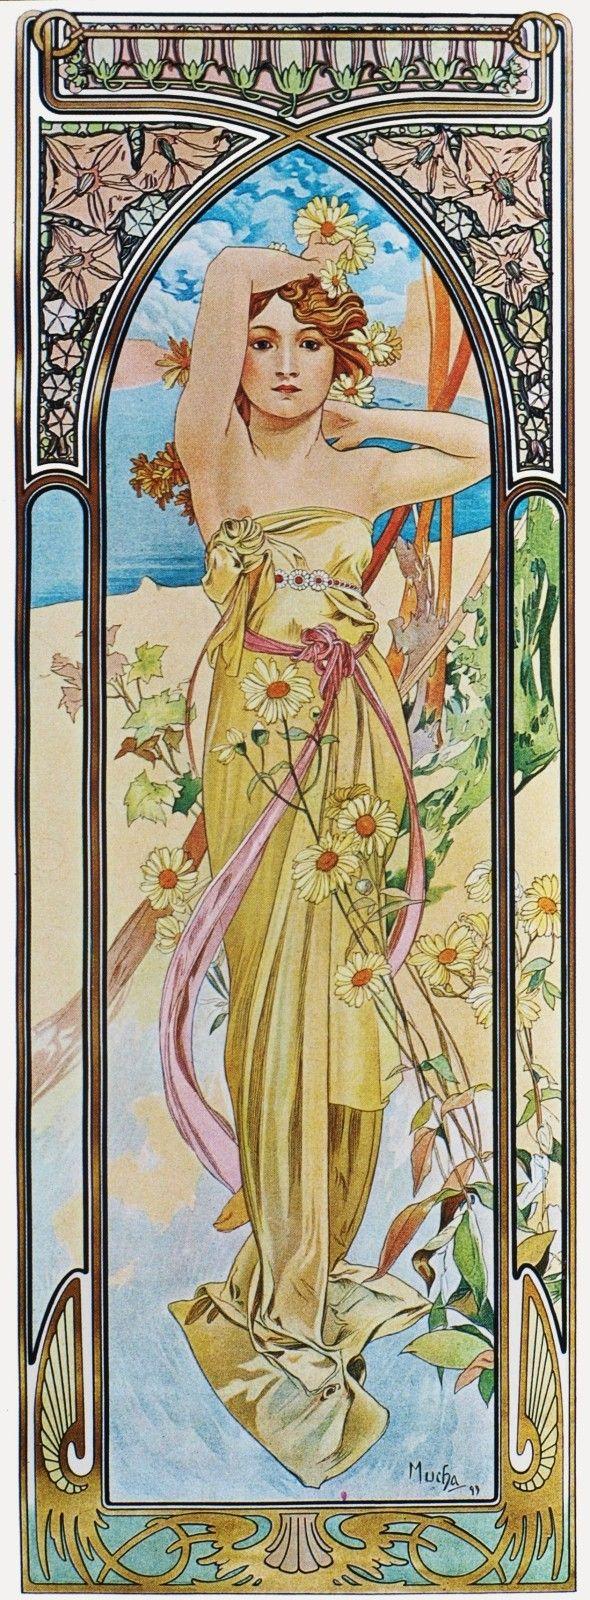 """Panneaux Décoratifs - Mucha - Série """"Les Heures du Jour"""" - Eclat du jour - 1899"""